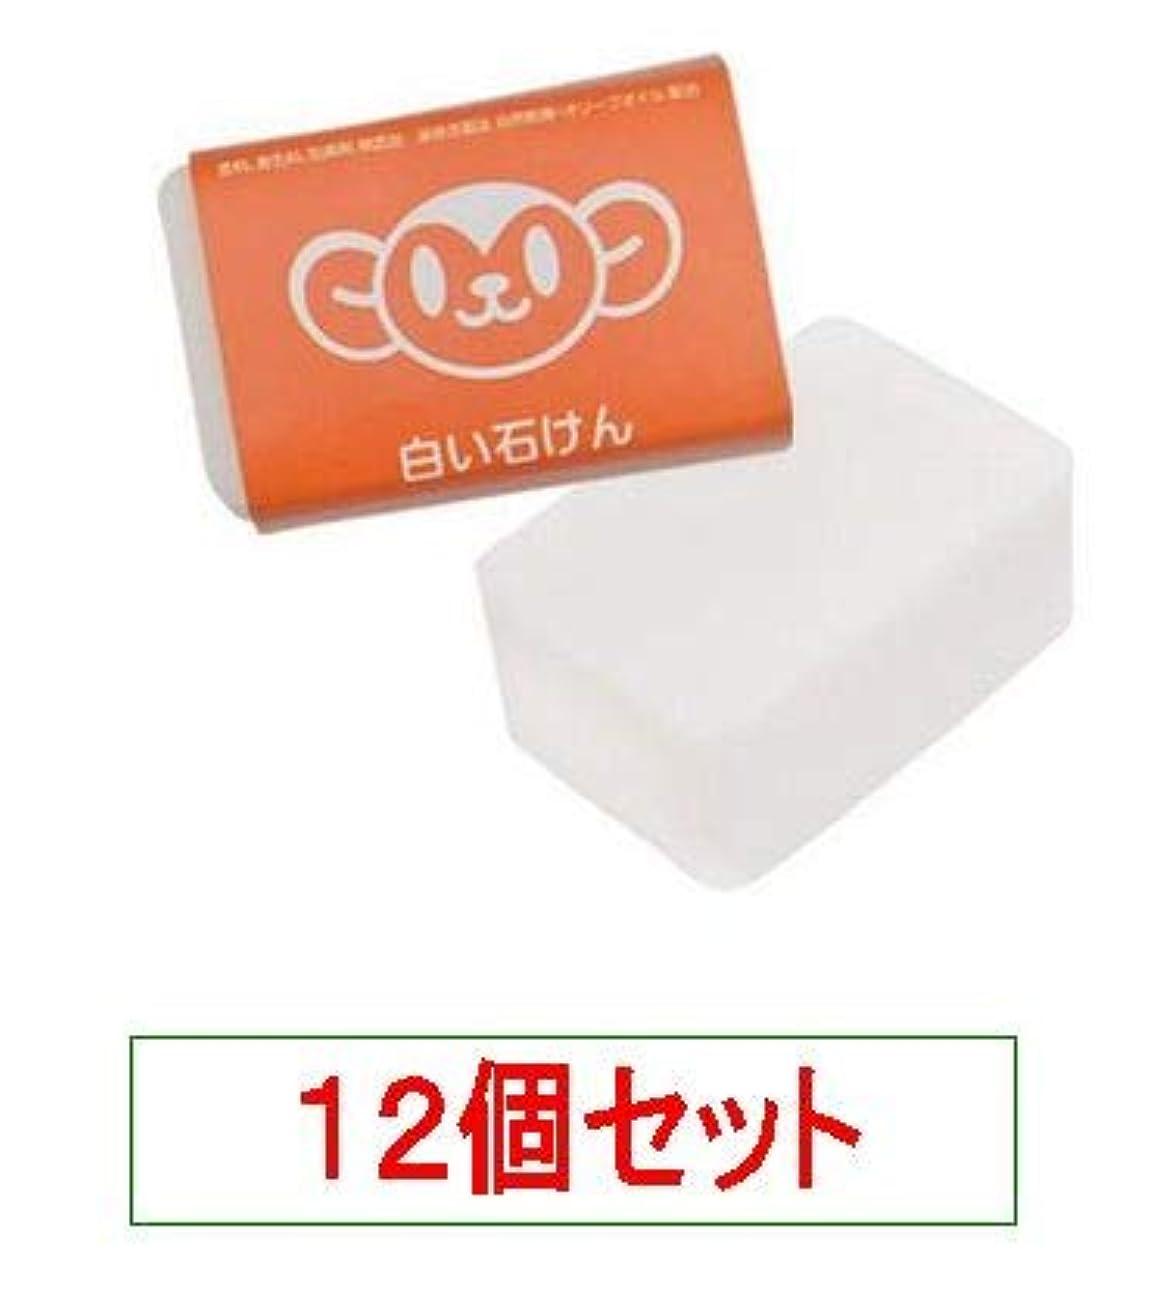 シャイ極貧免除ハイム むーくんシリーズ 白い石けん 120g<無添加の洗顔、入浴用>X12個セット